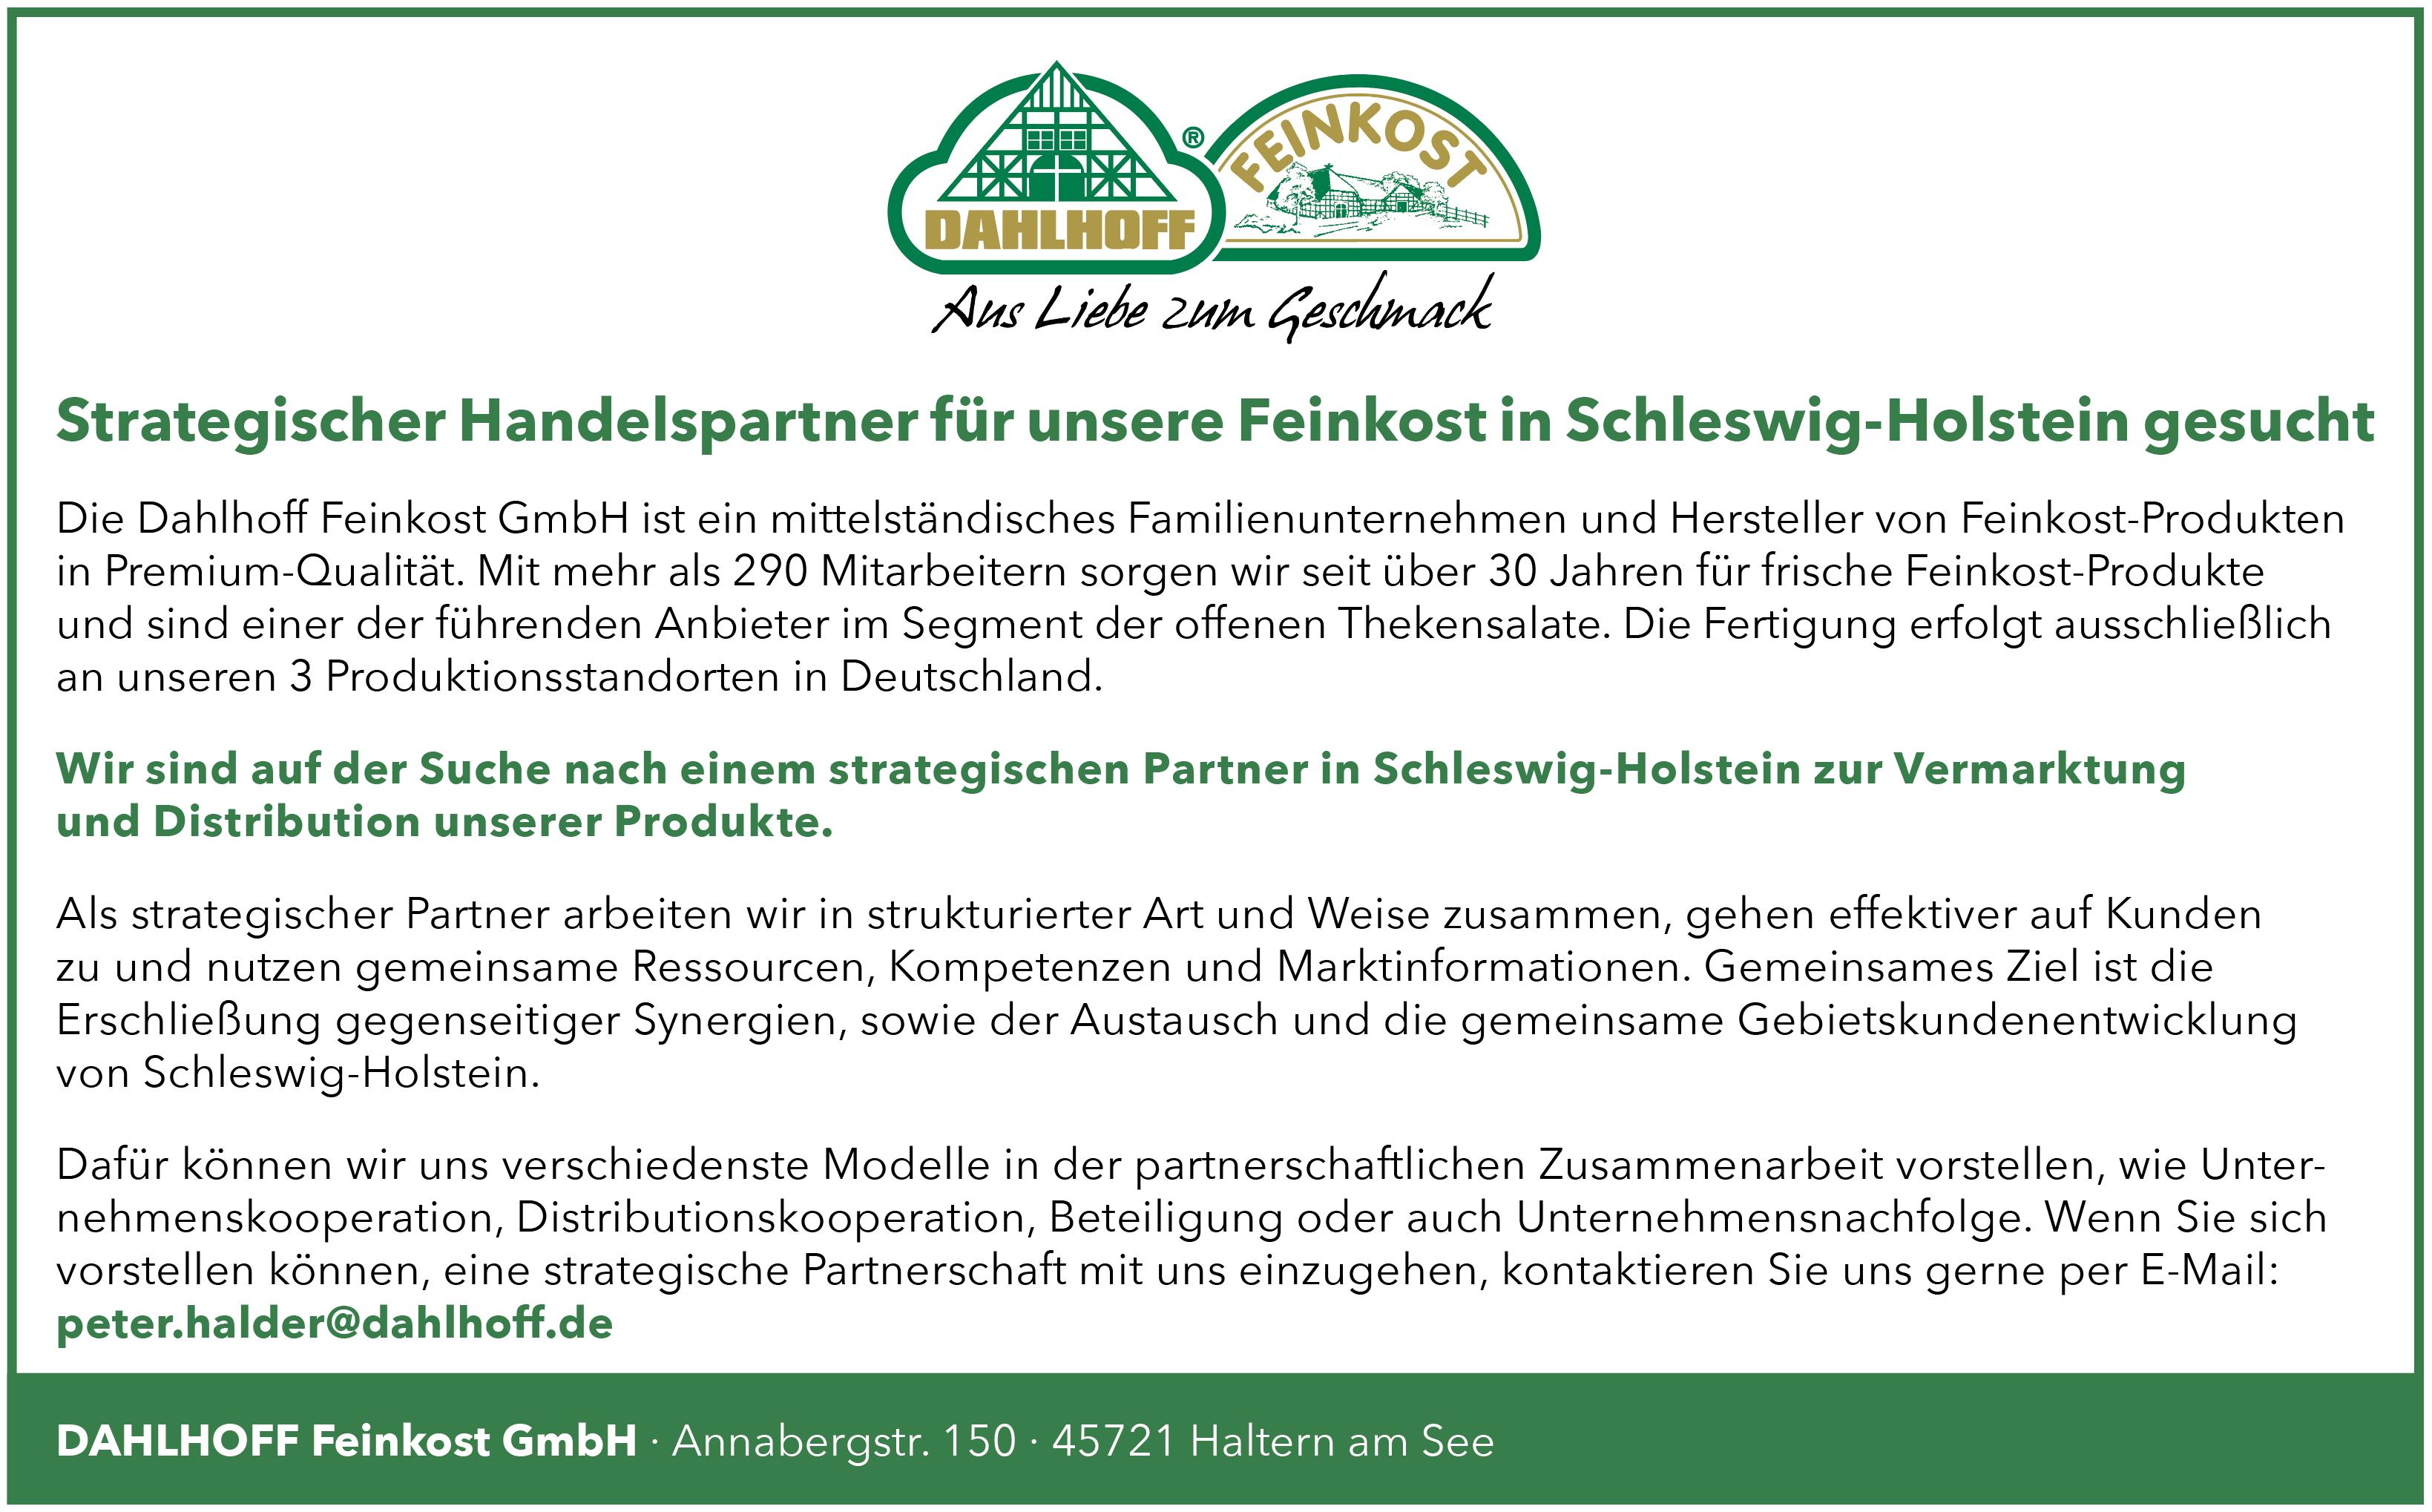 Strategischer Handelspartner für unsere Feinkost in Schleswig-Holstein